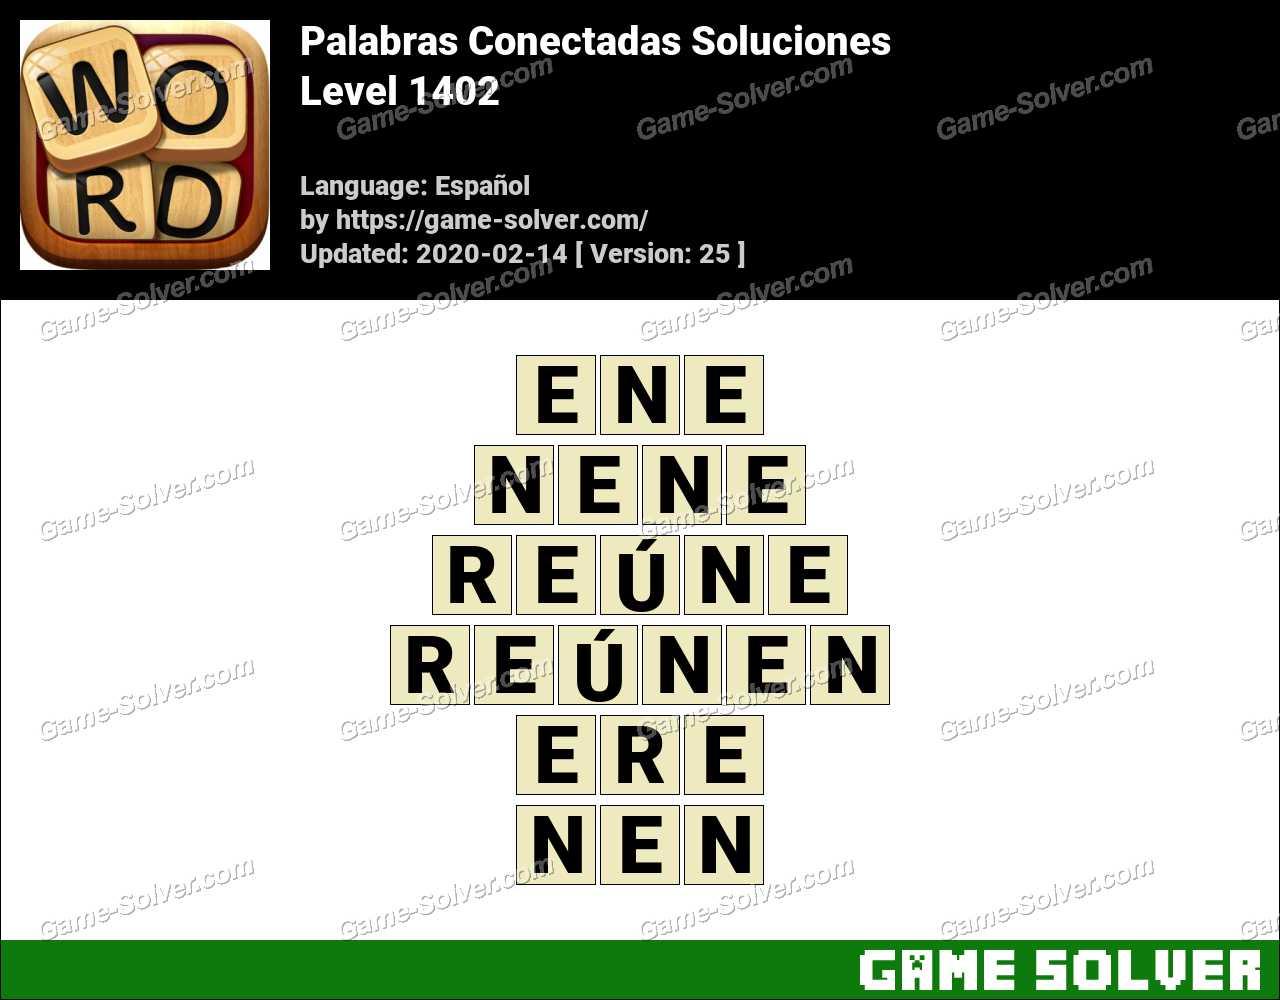 Palabras Conectadas Nivel 1402 Soluciones